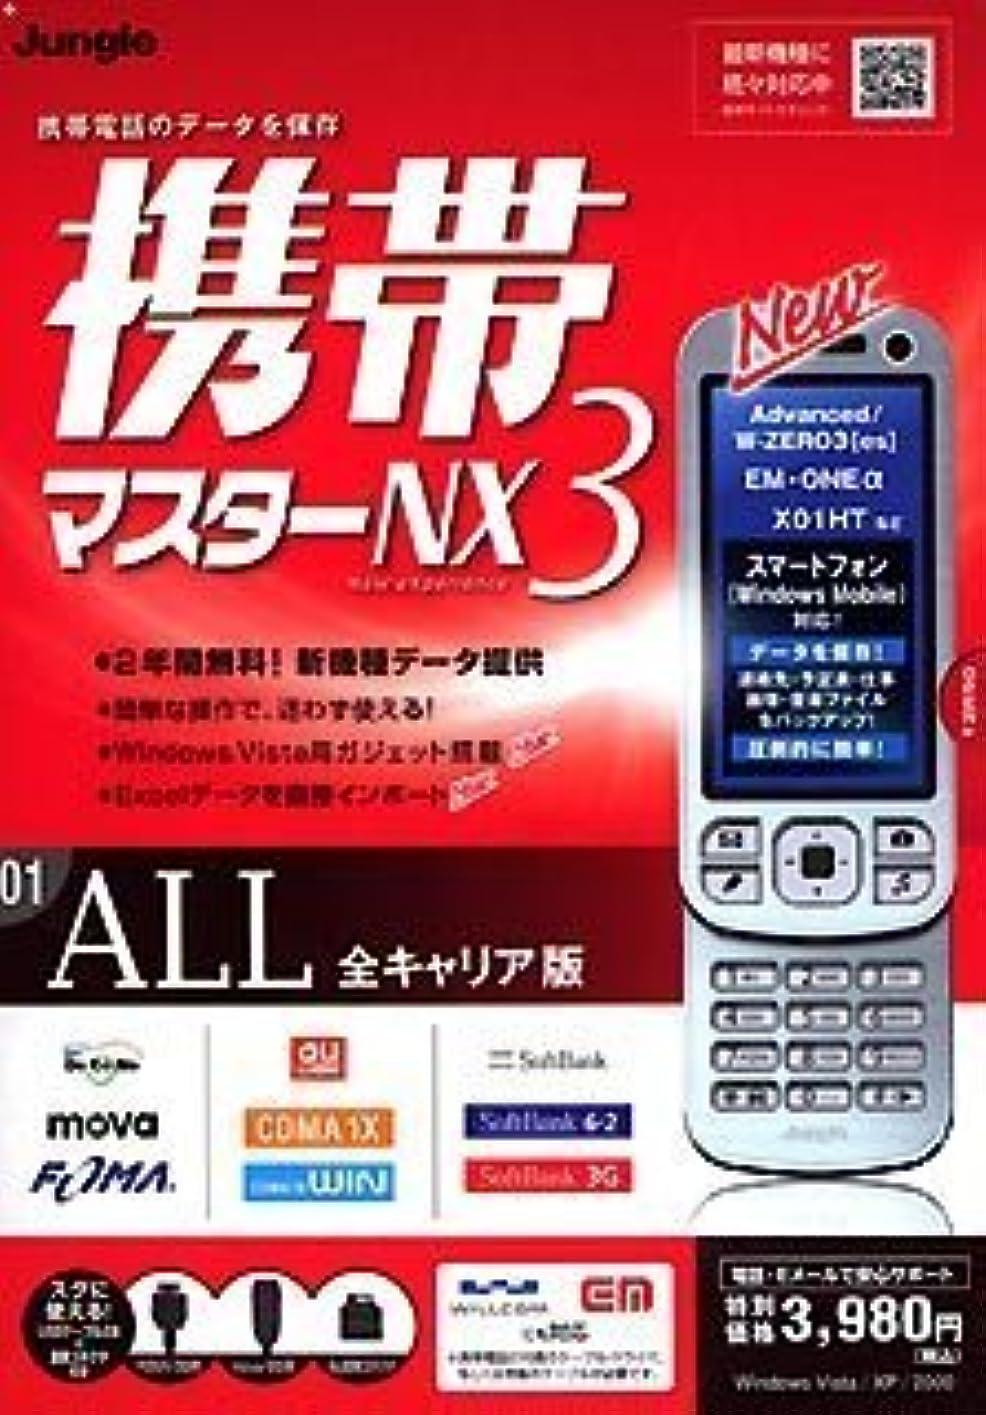 キャストコンプリート郵便携帯マスターNX3 ALL 全キャリア版